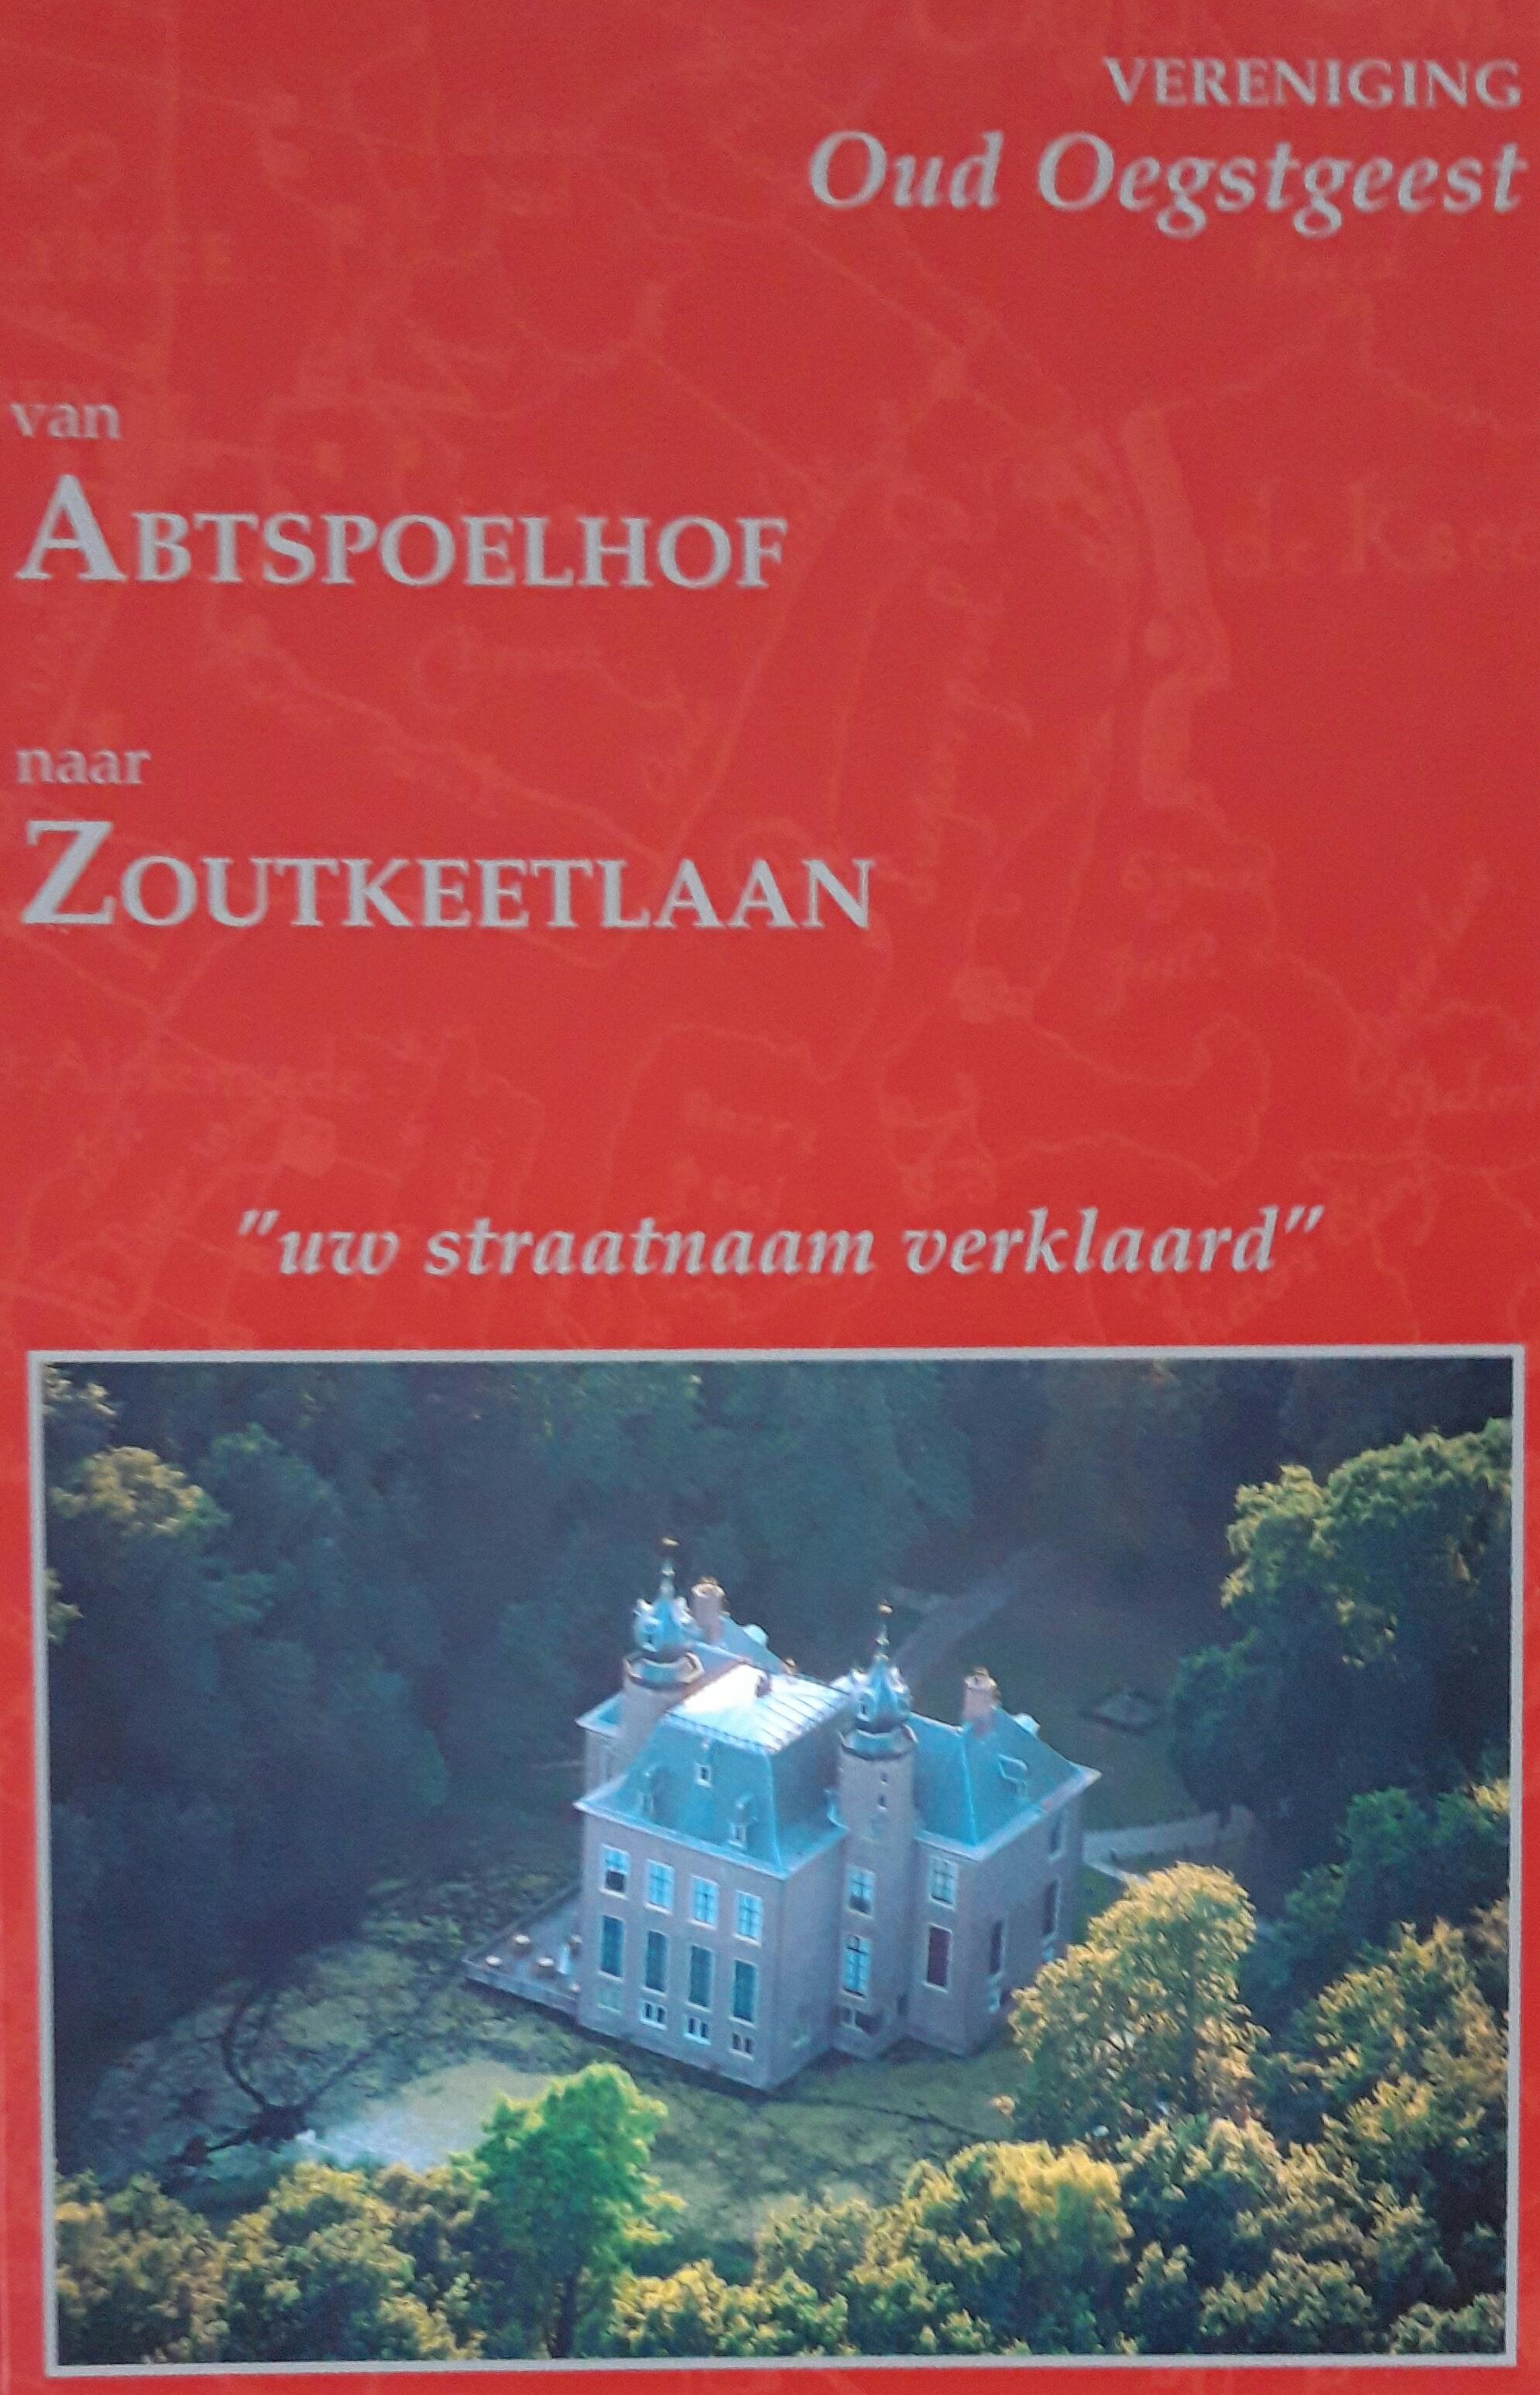 https://historischeverenigingoegstgeest.nl/images/publicaties/Abtspoelhof_tot_Zoutkeetlaan.jpg